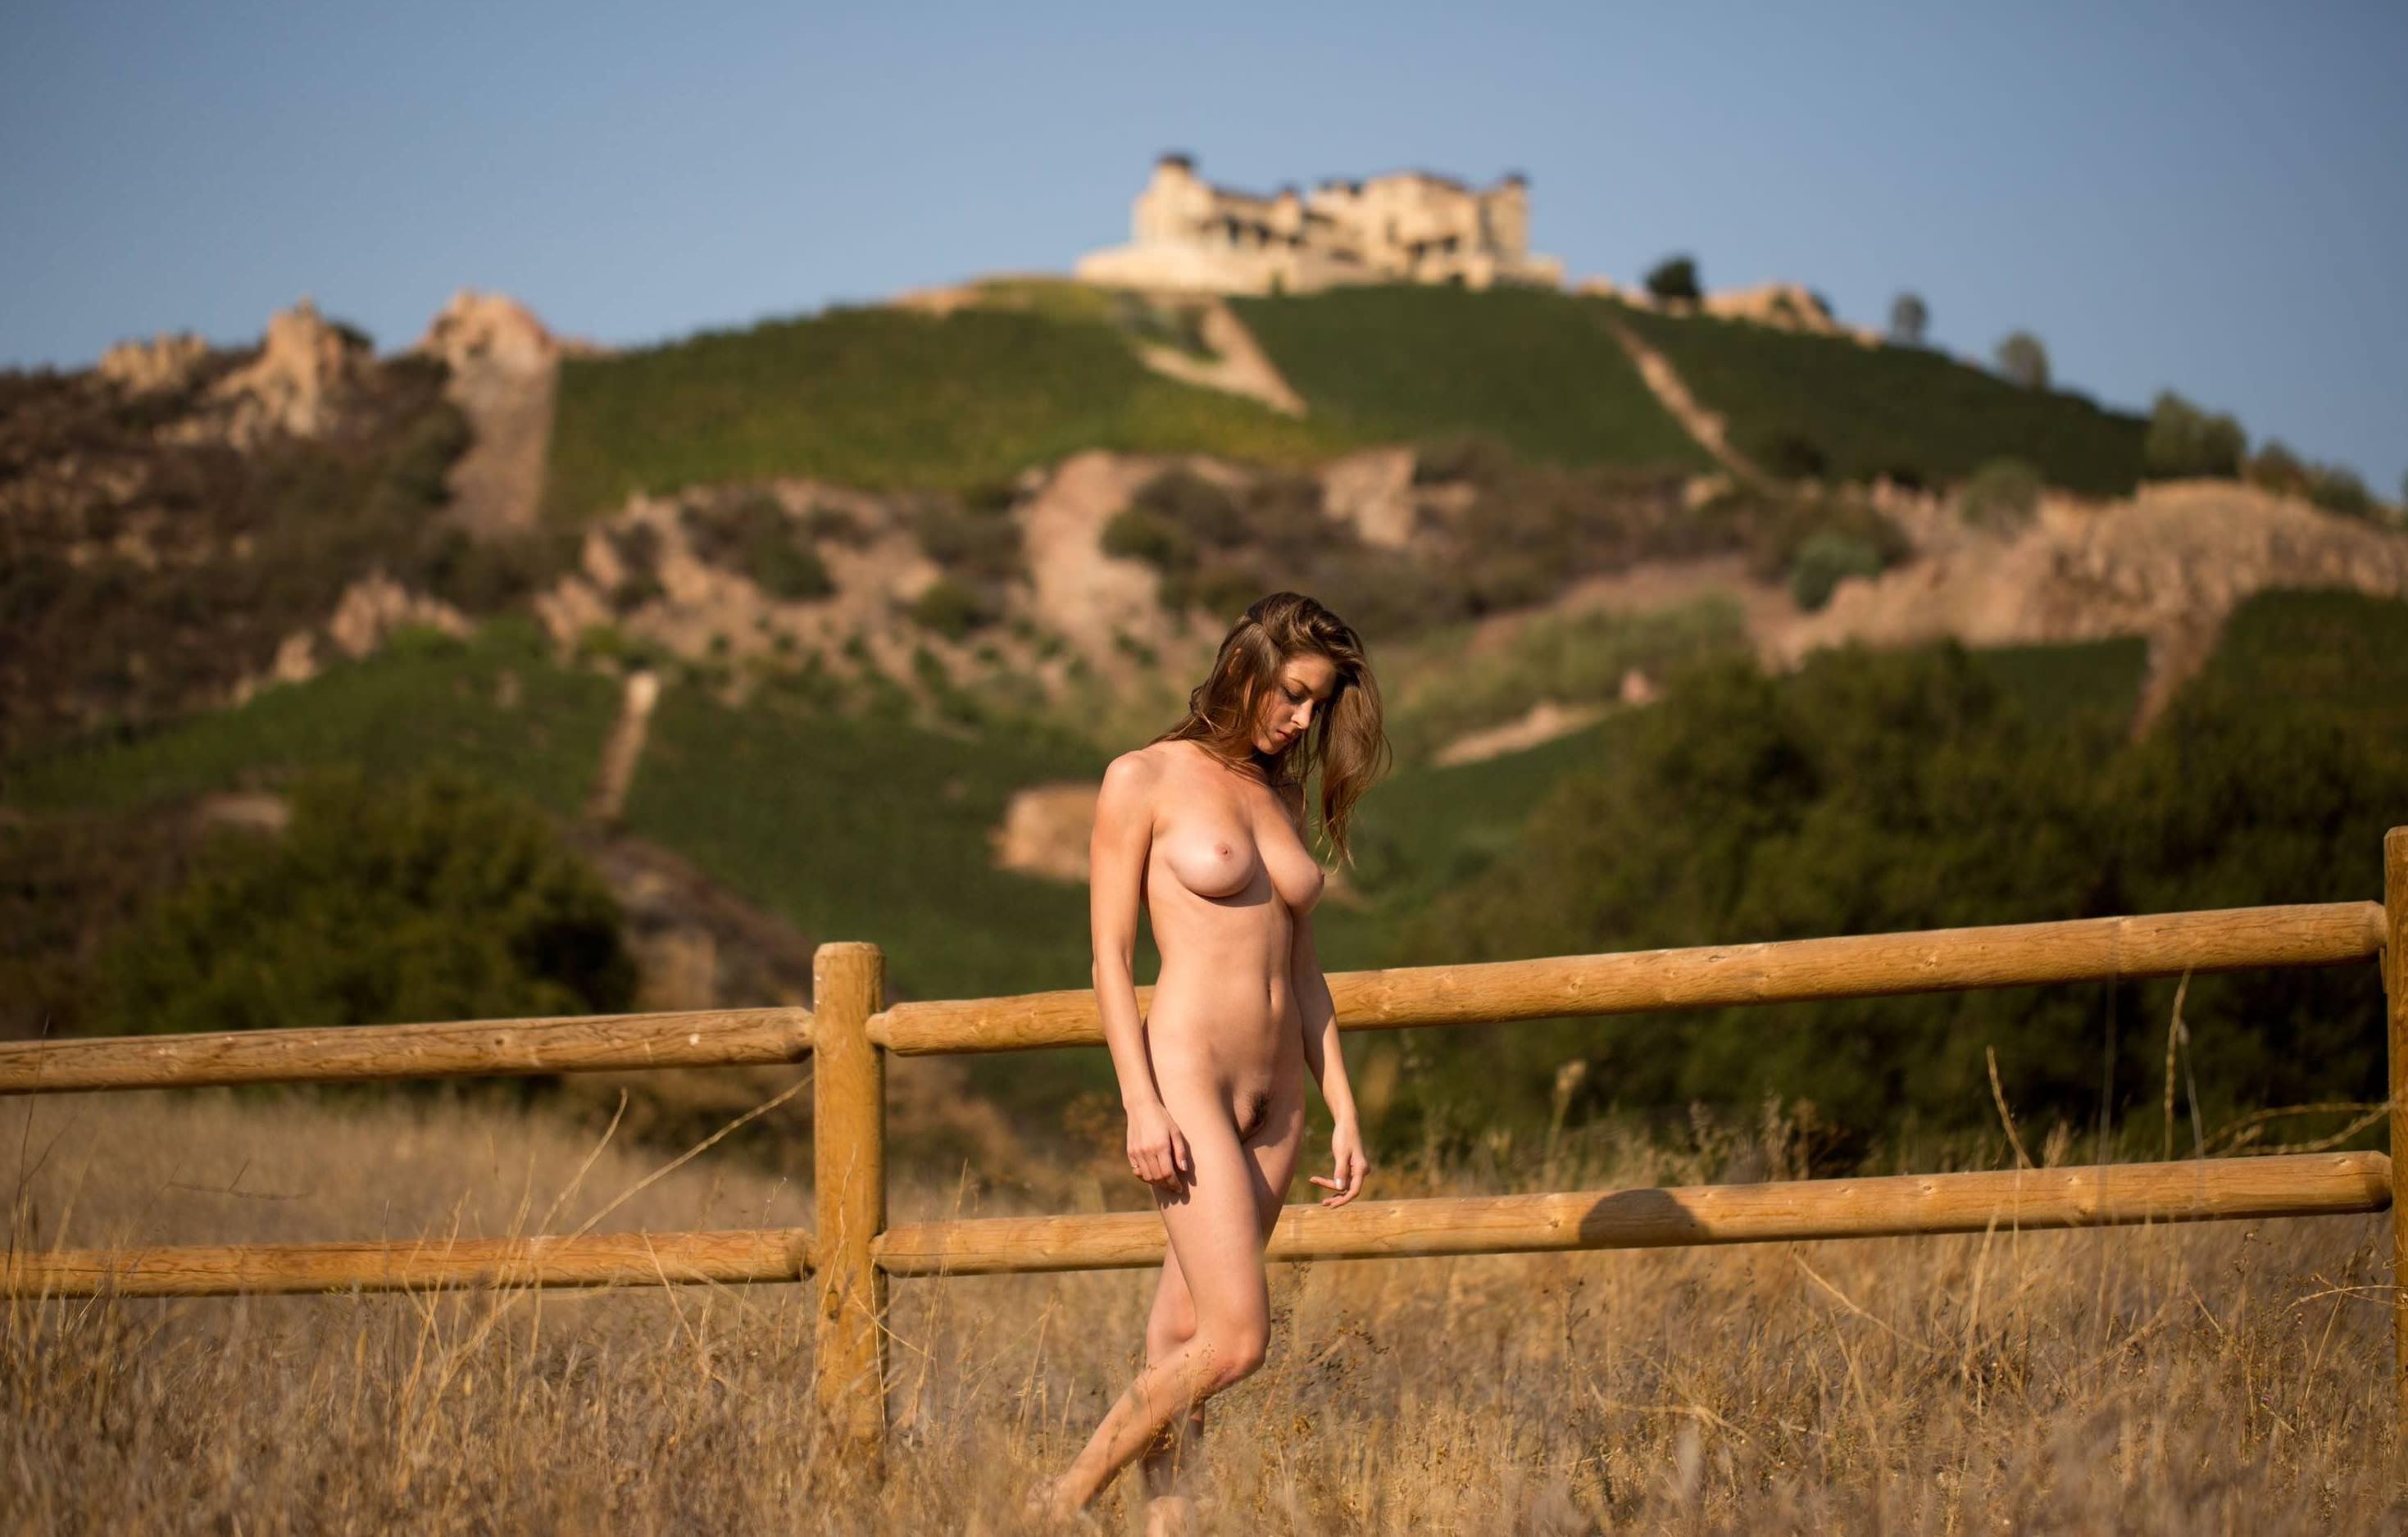 Фото Обнаженная девушка шагает вдоль забора в деревне, поле, трава, скачать картинку бесплатно